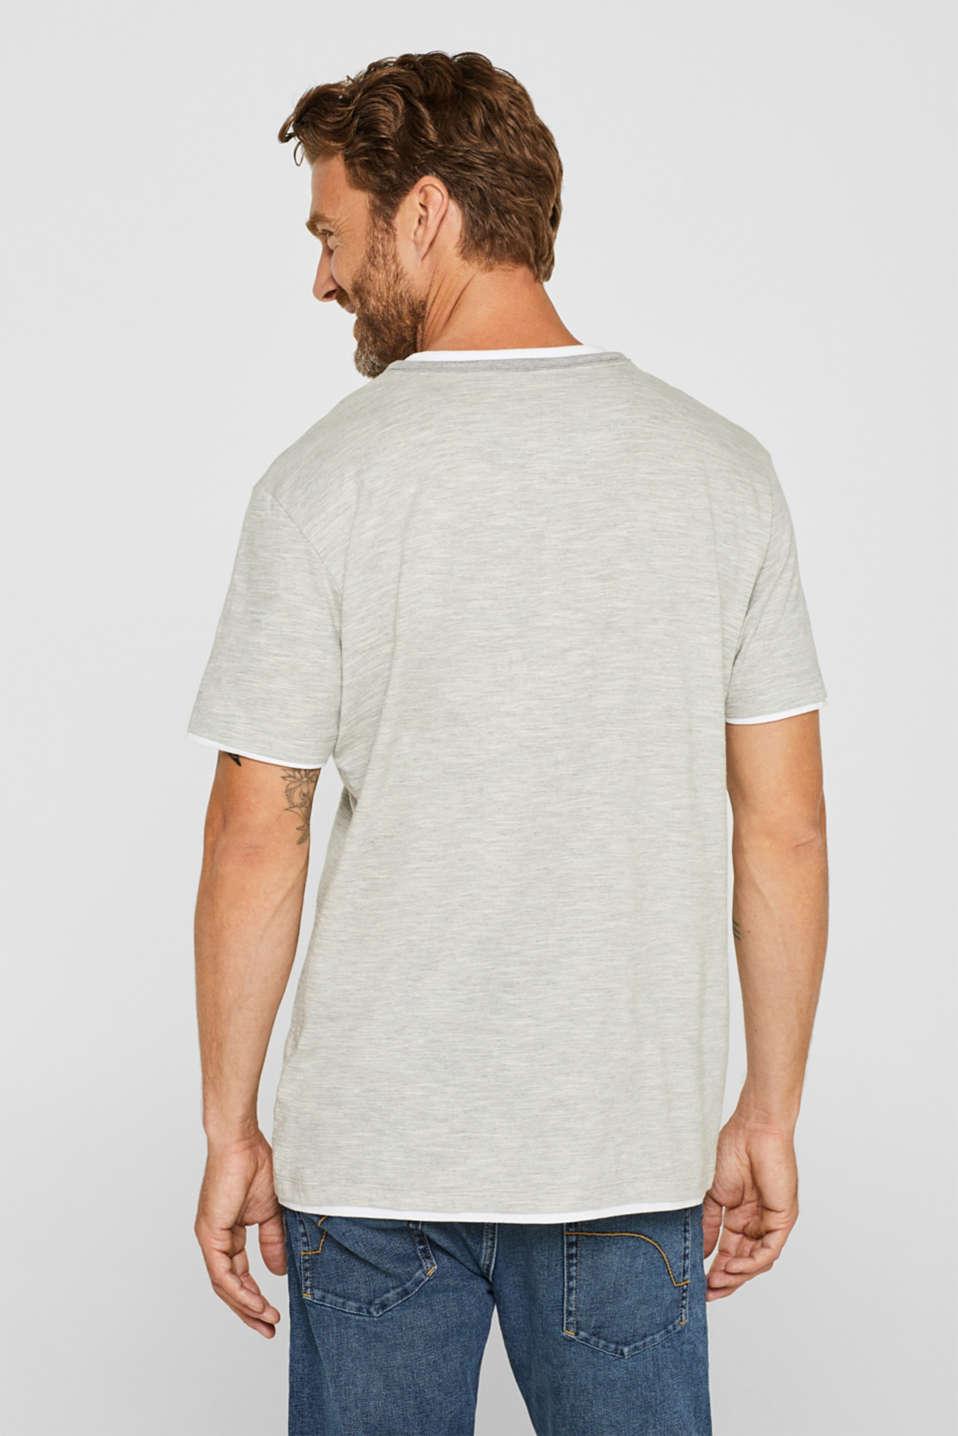 Layered slub jersey T-shirt, MEDIUM GREY, detail image number 3